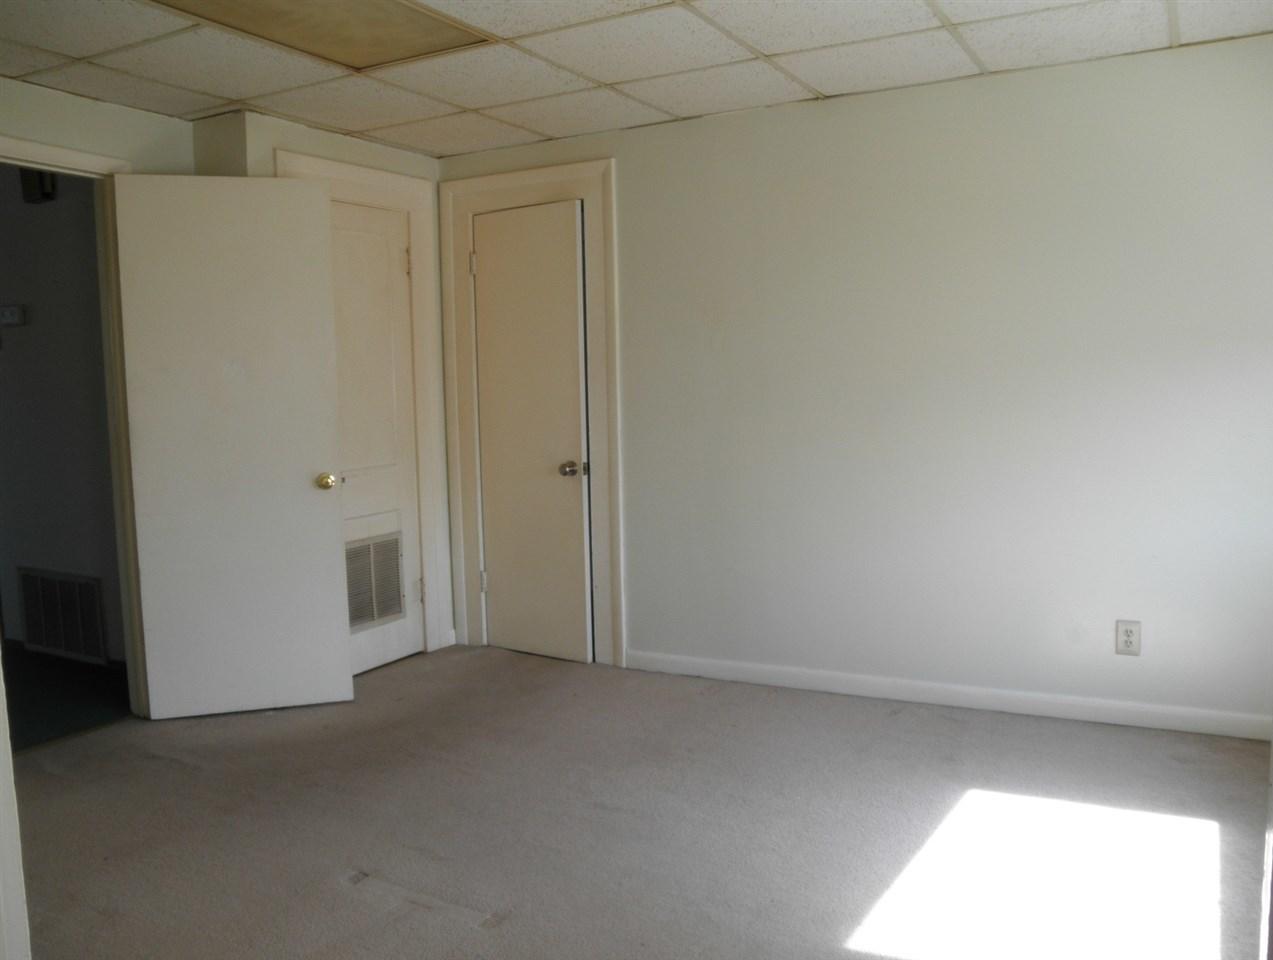 Sold Intraoffice W/MLS | 806 W Grand  Ponca City, OK 74601 20